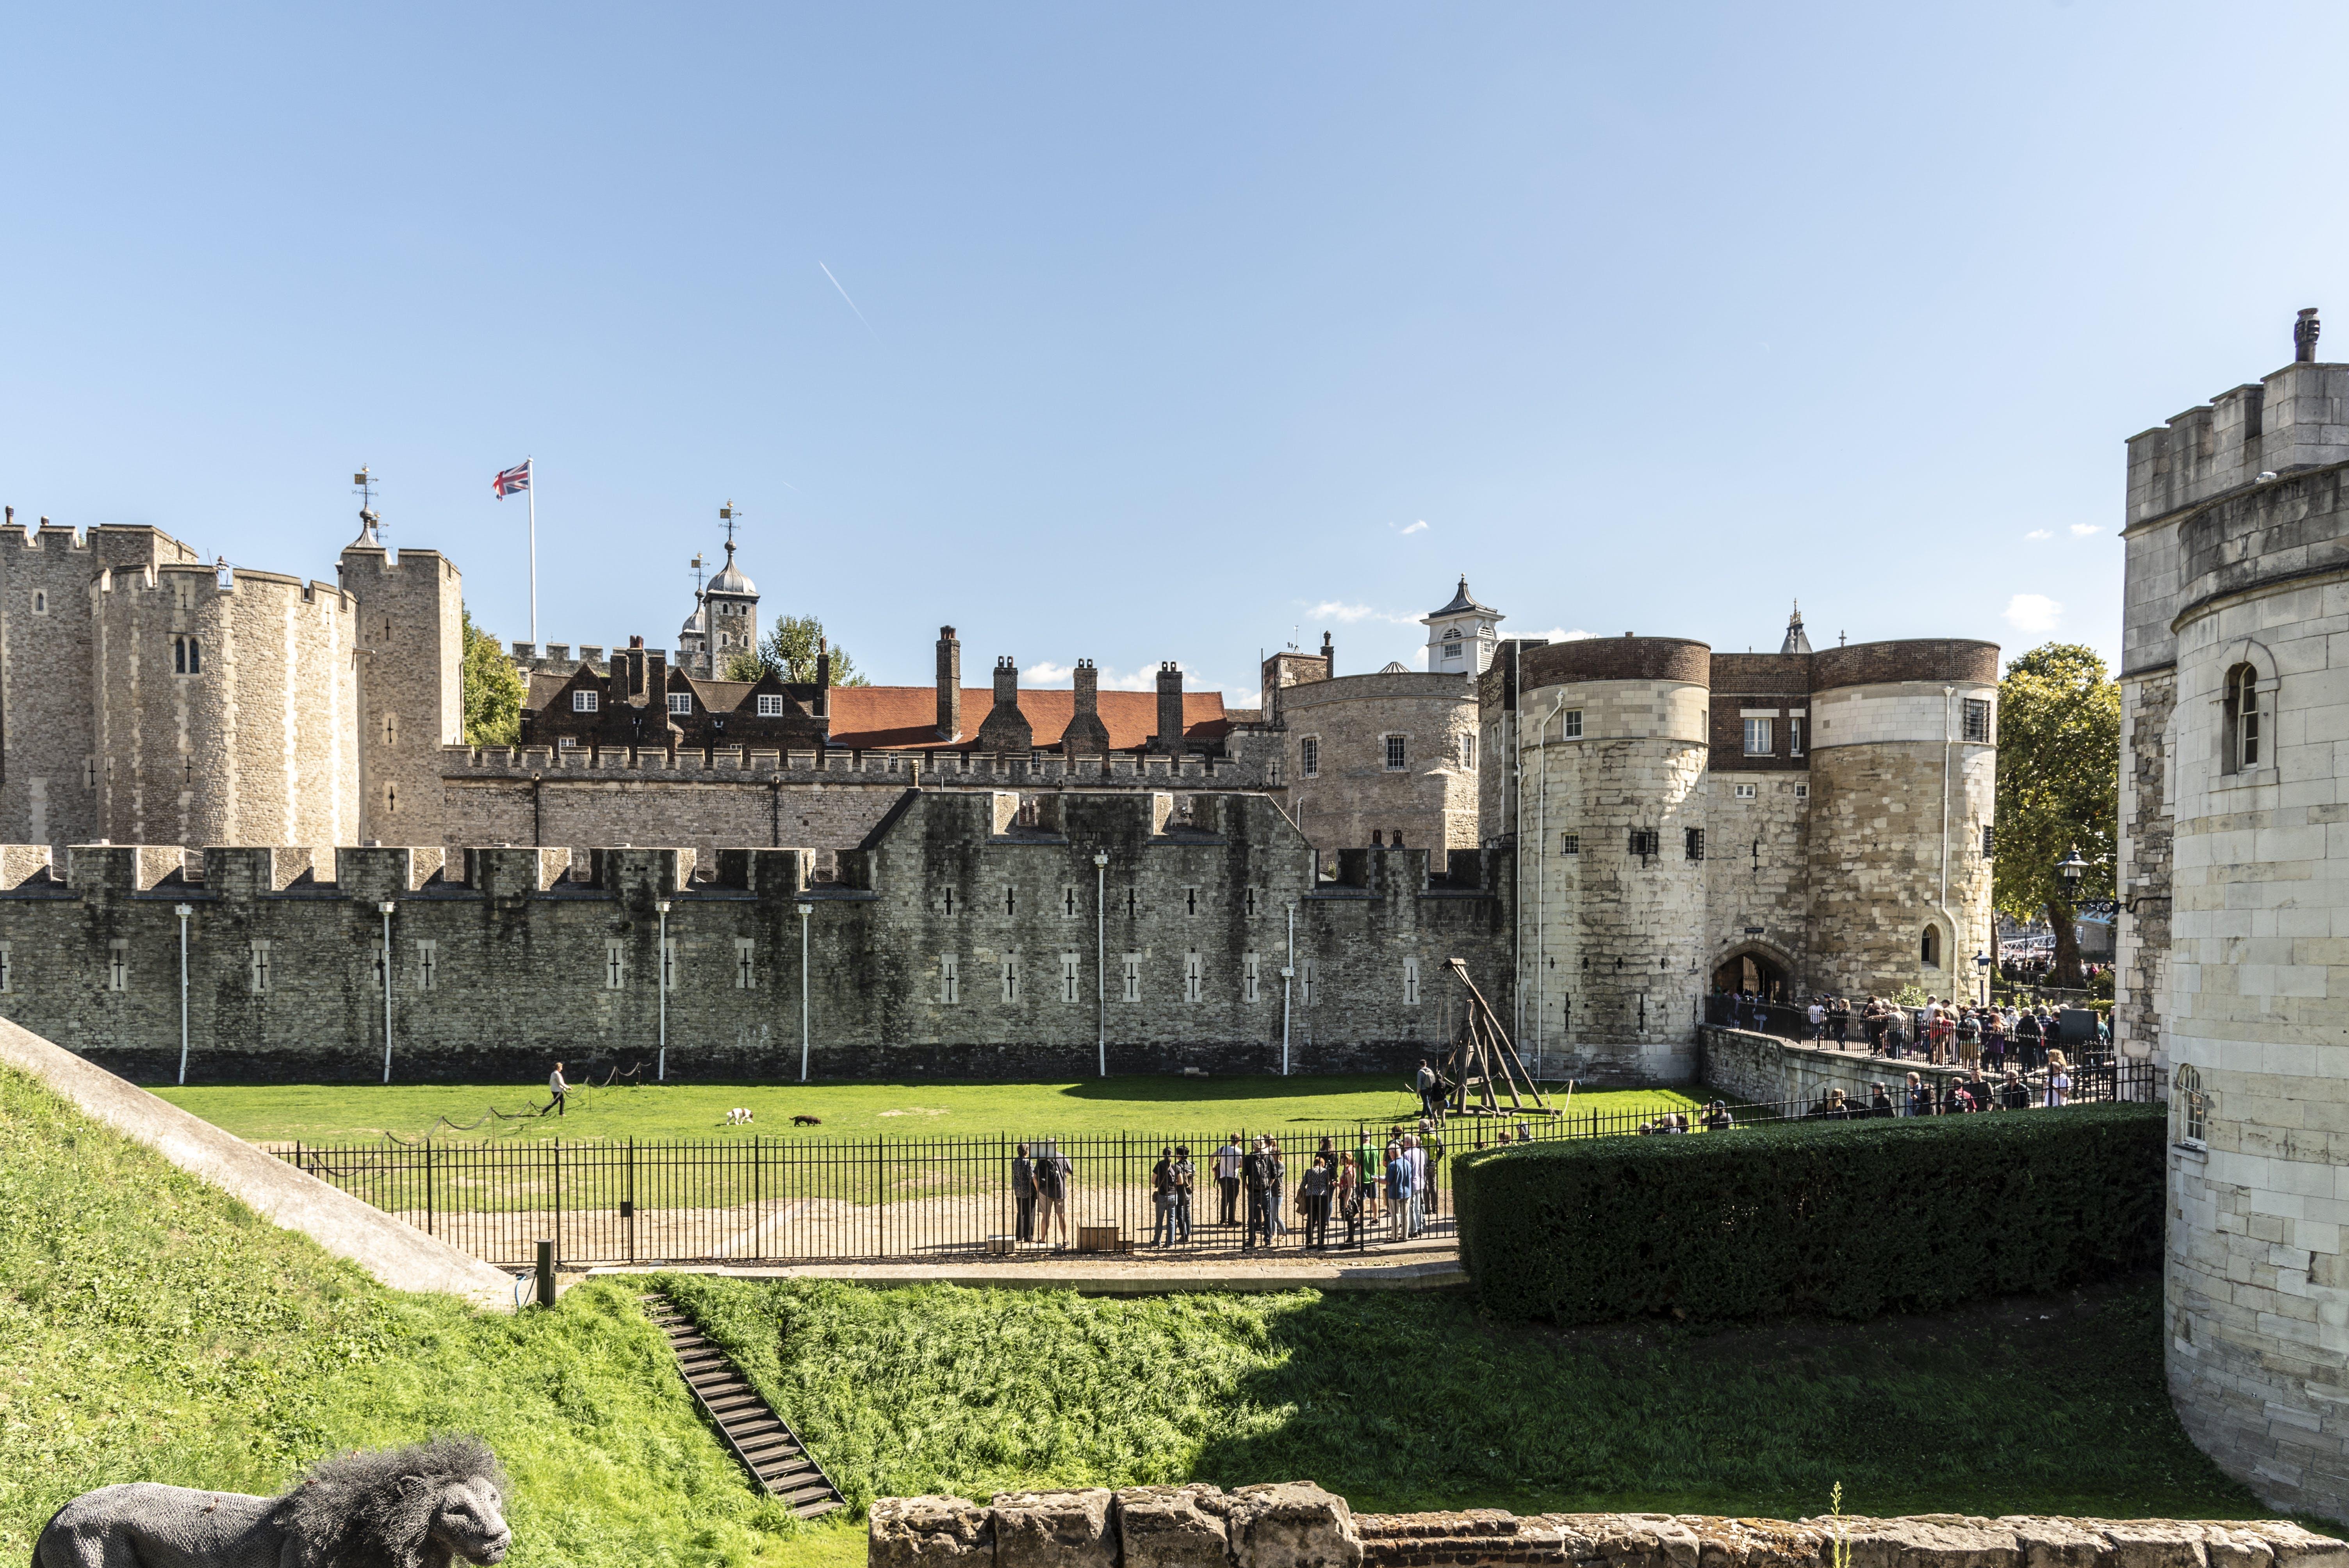 Δωρεάν στοκ φωτογραφιών με λονδίνο, αγγλία, πύργος του λονδίνου